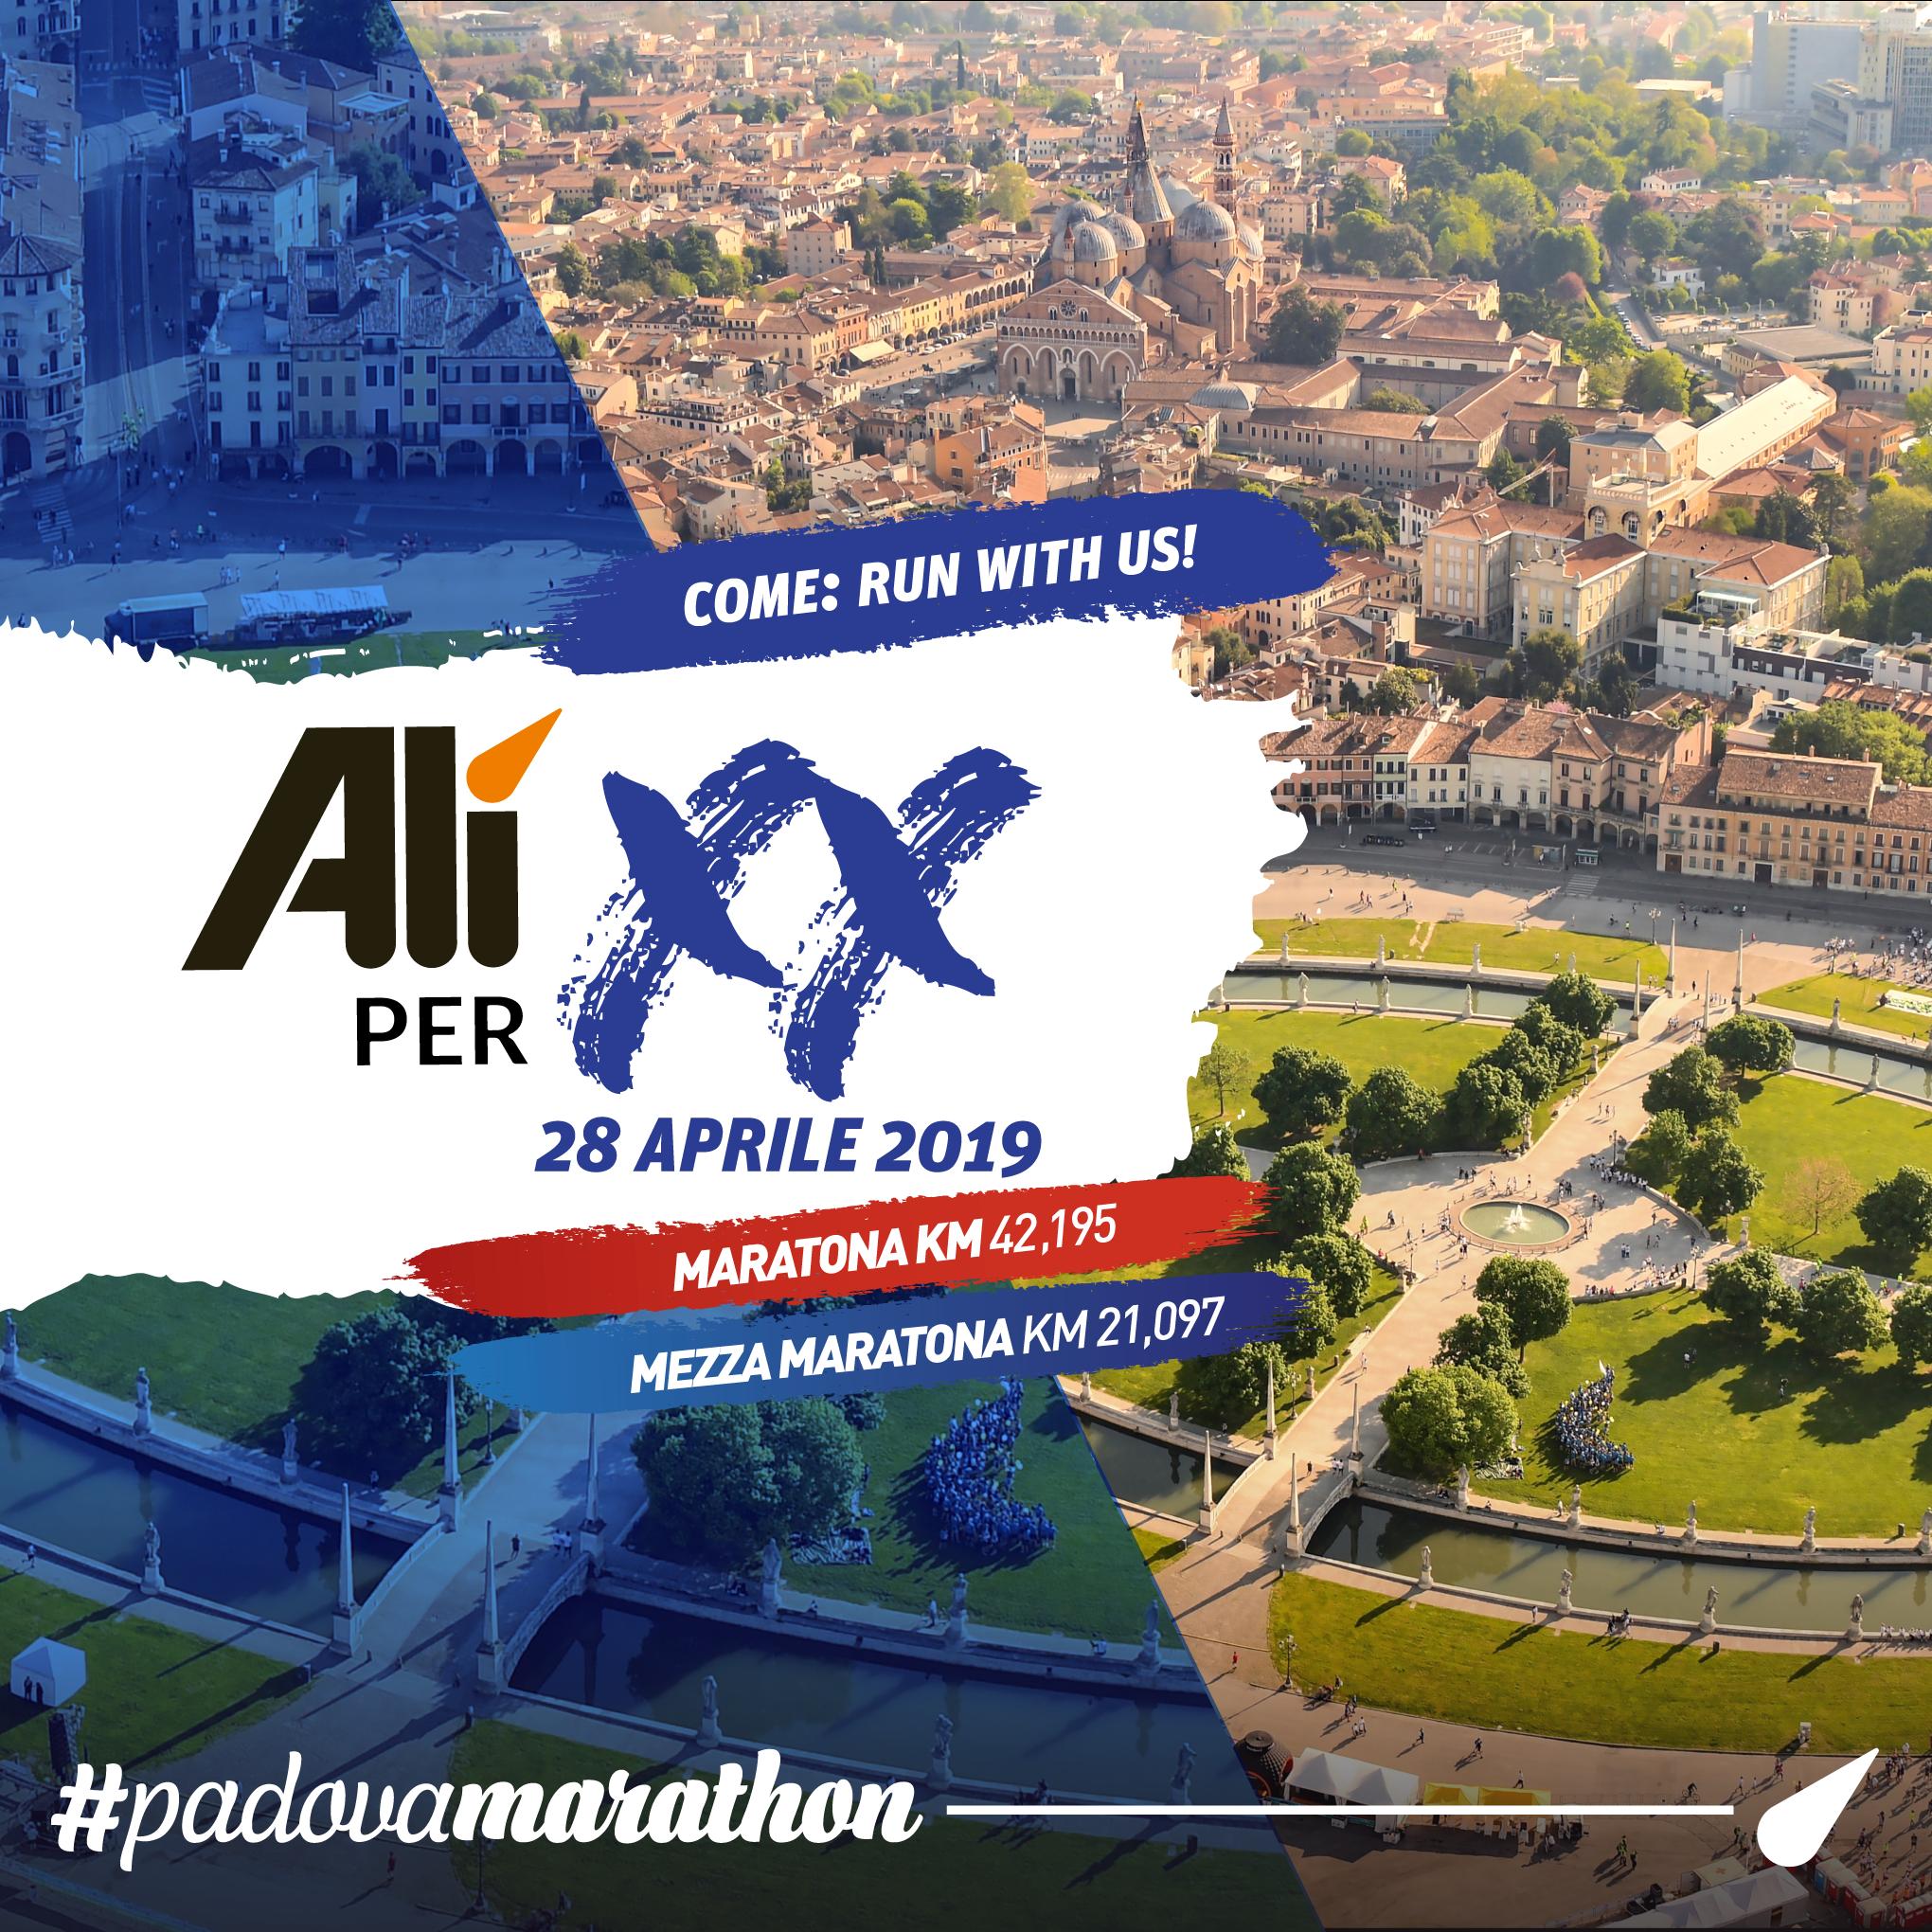 E per la ventesima edizione la Padova Marathon si fa ancora più bella e… veloce!